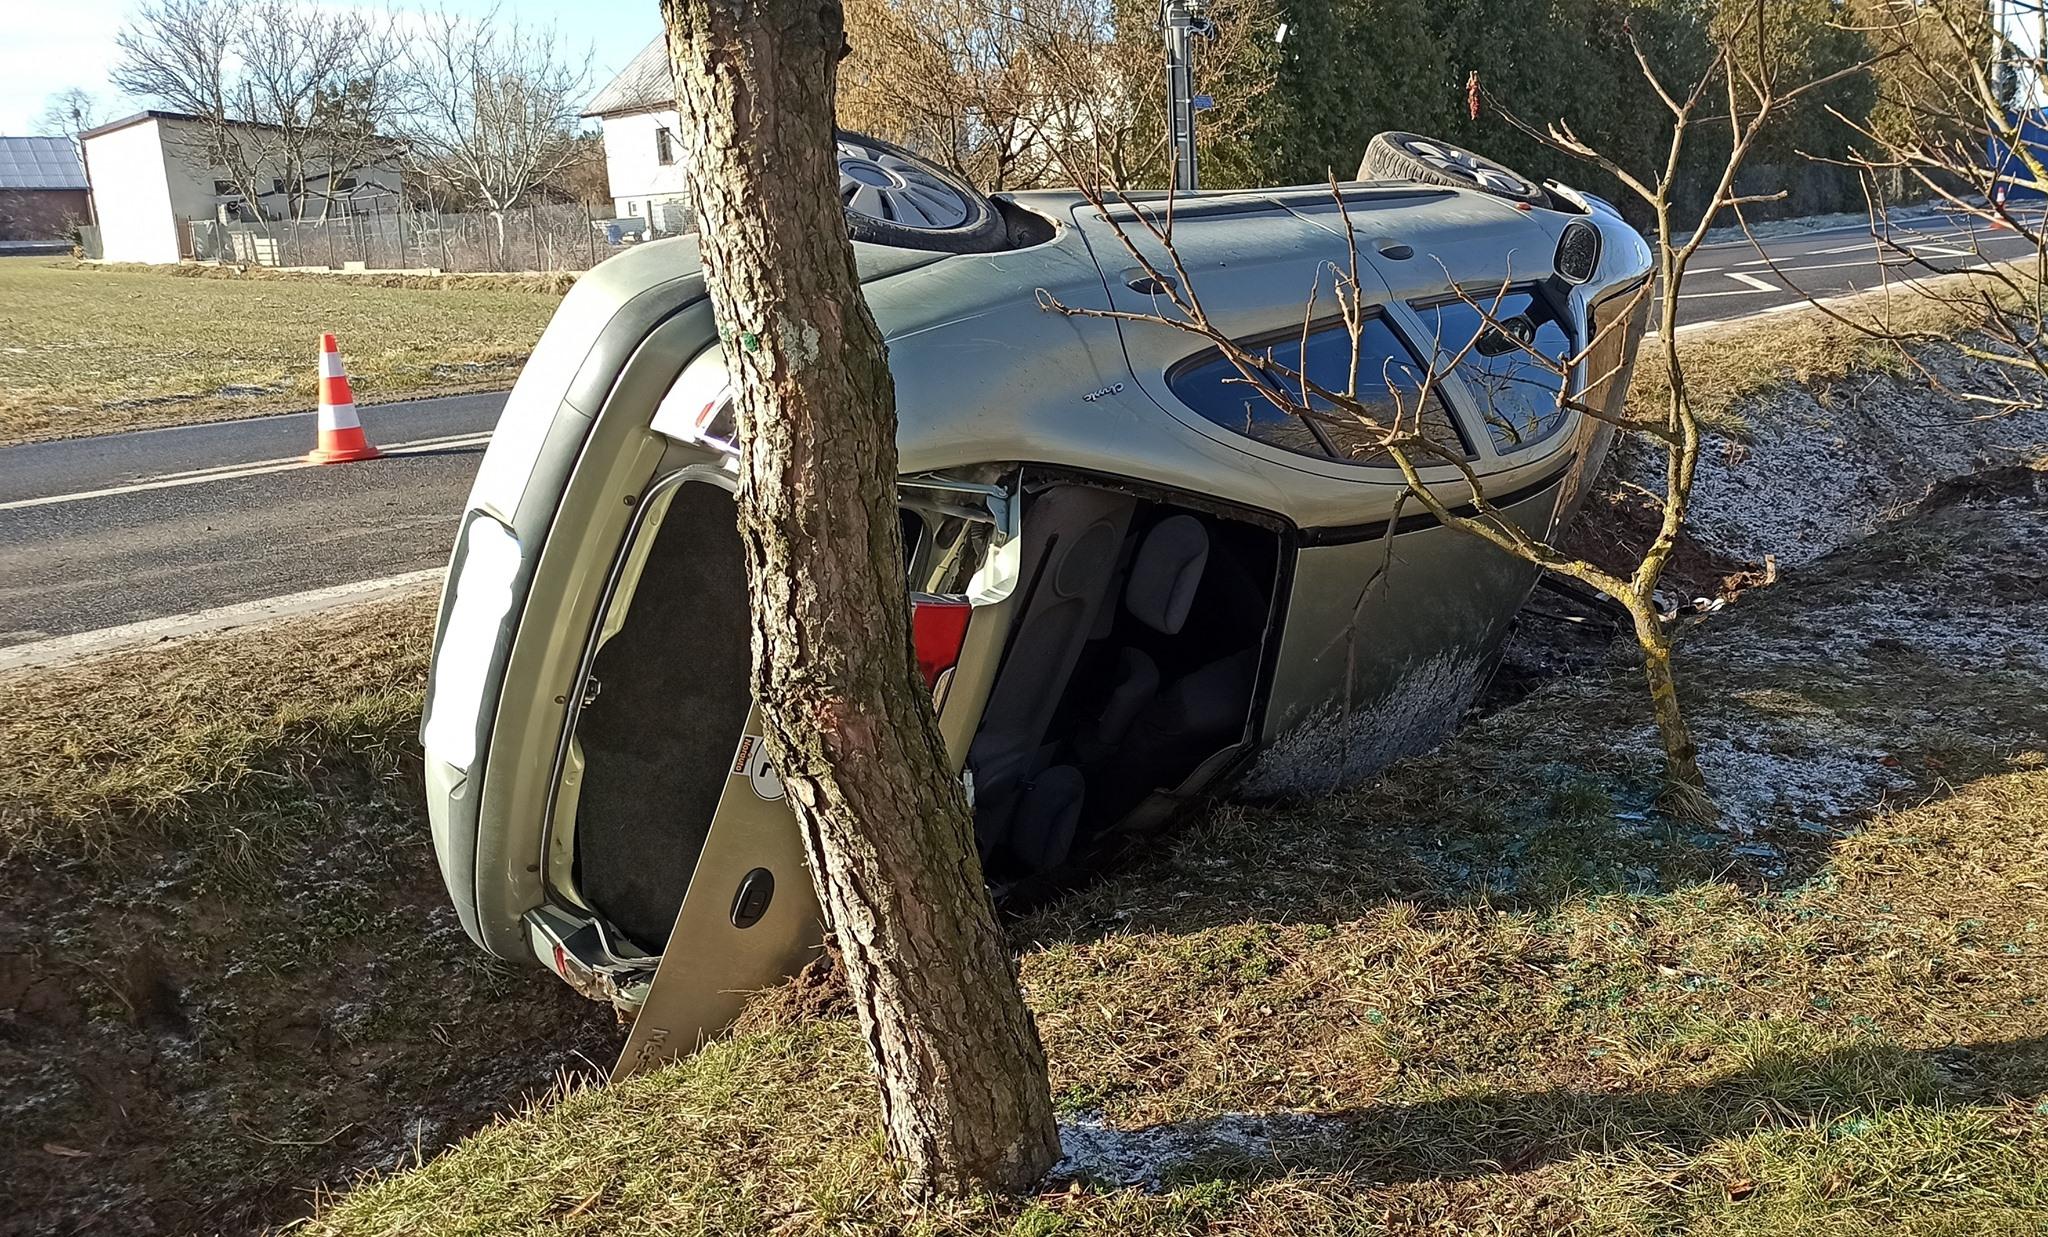 Wypadek pod Płockiem. Auto wpadło do przydrożnego rowu [ZDJĘCIA] - Zdjęcie główne